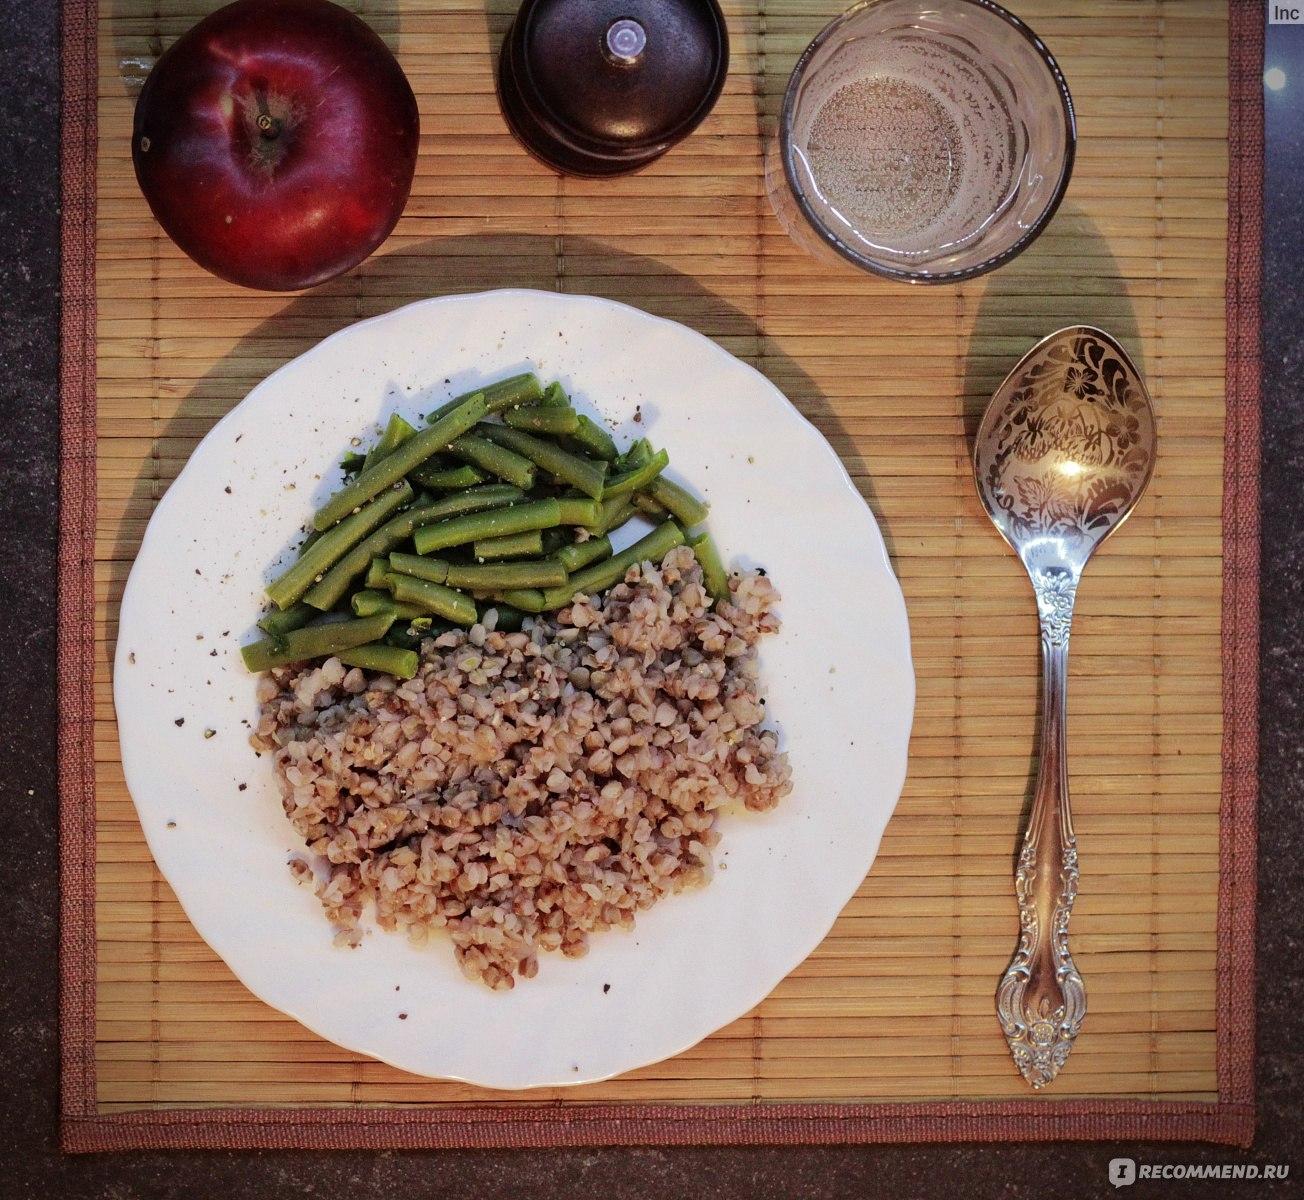 Гречневая диета: преимущества, недостатки, рецепты и запреты